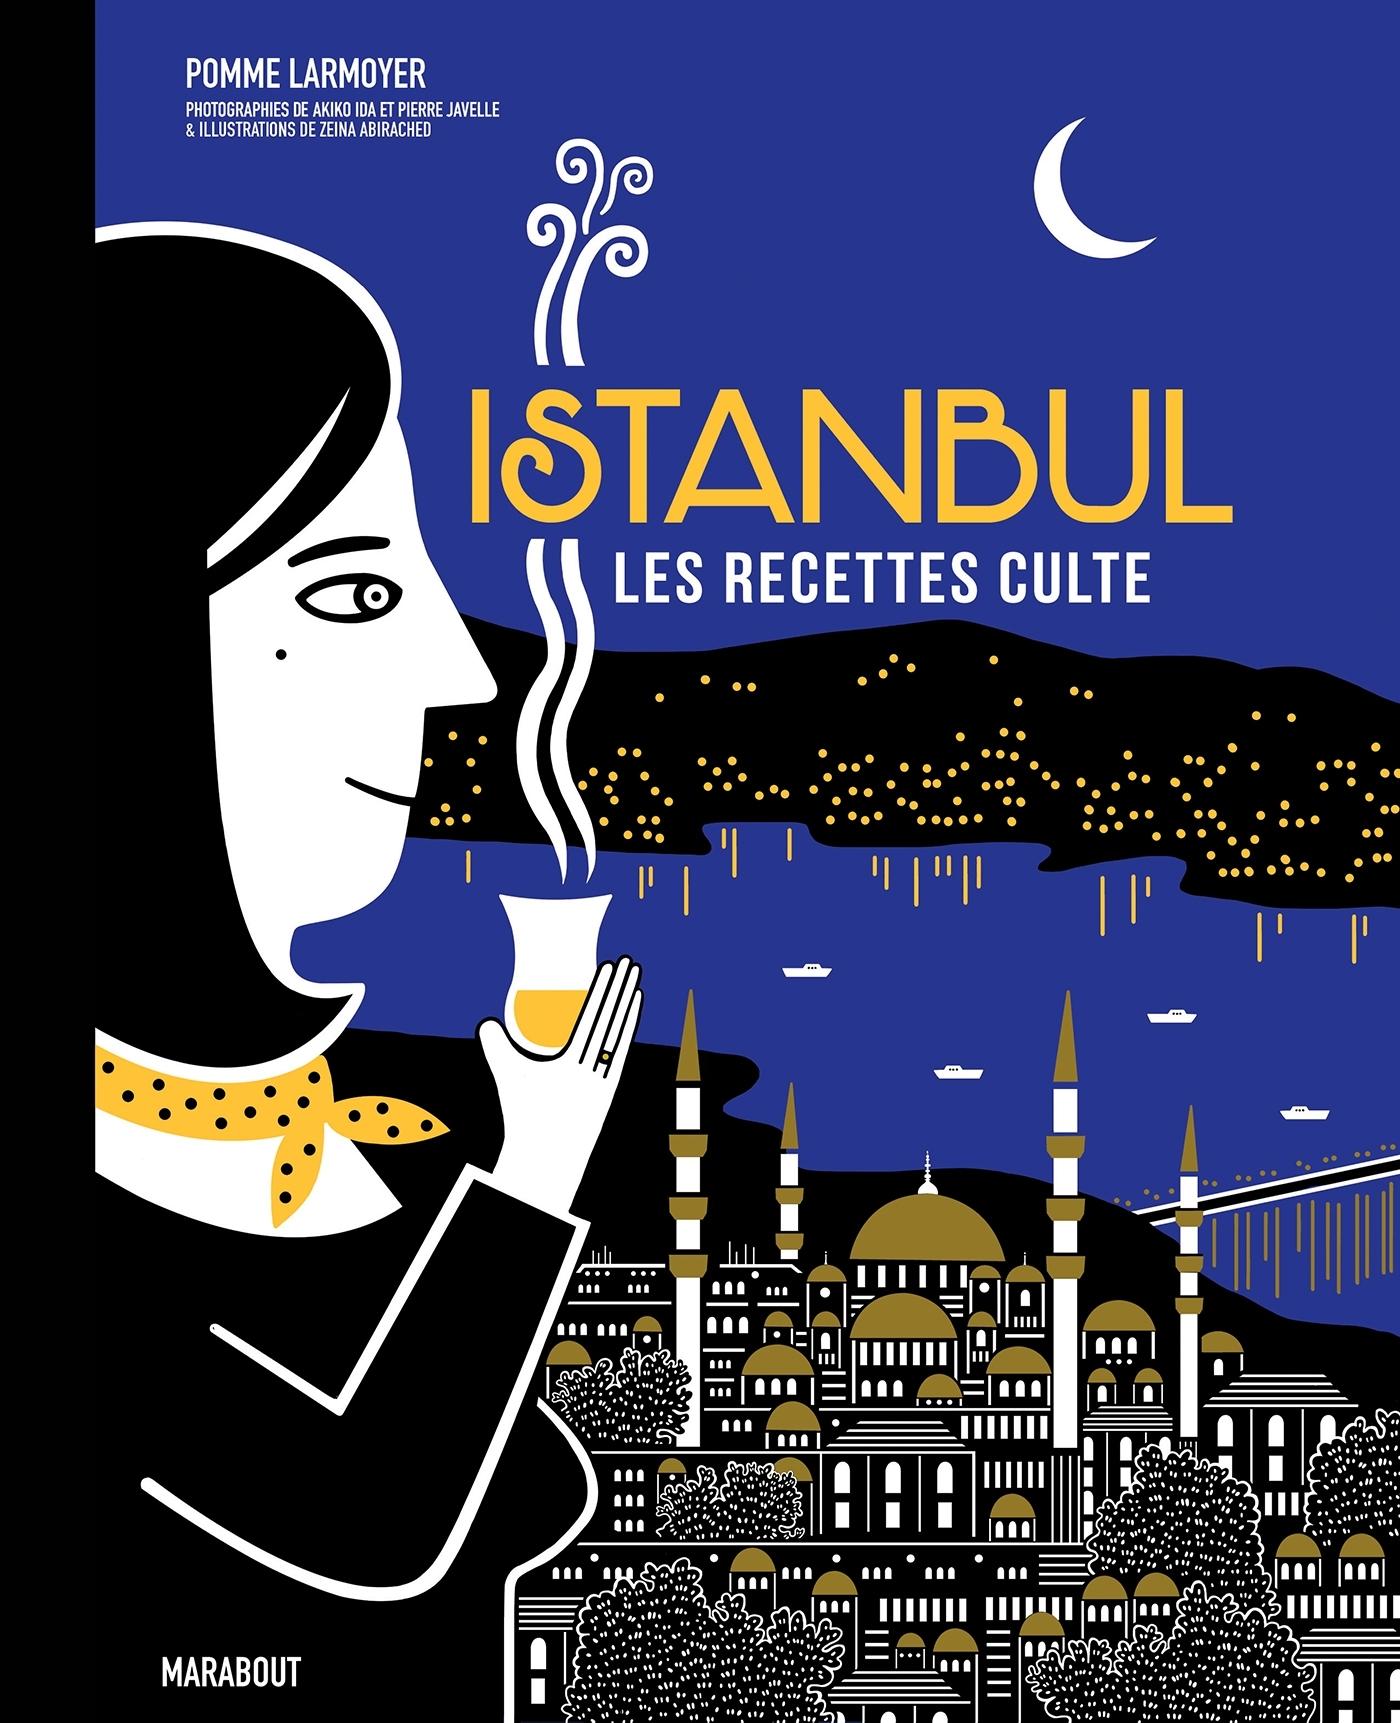 ISTANBUL, LES RECETTES CULTE